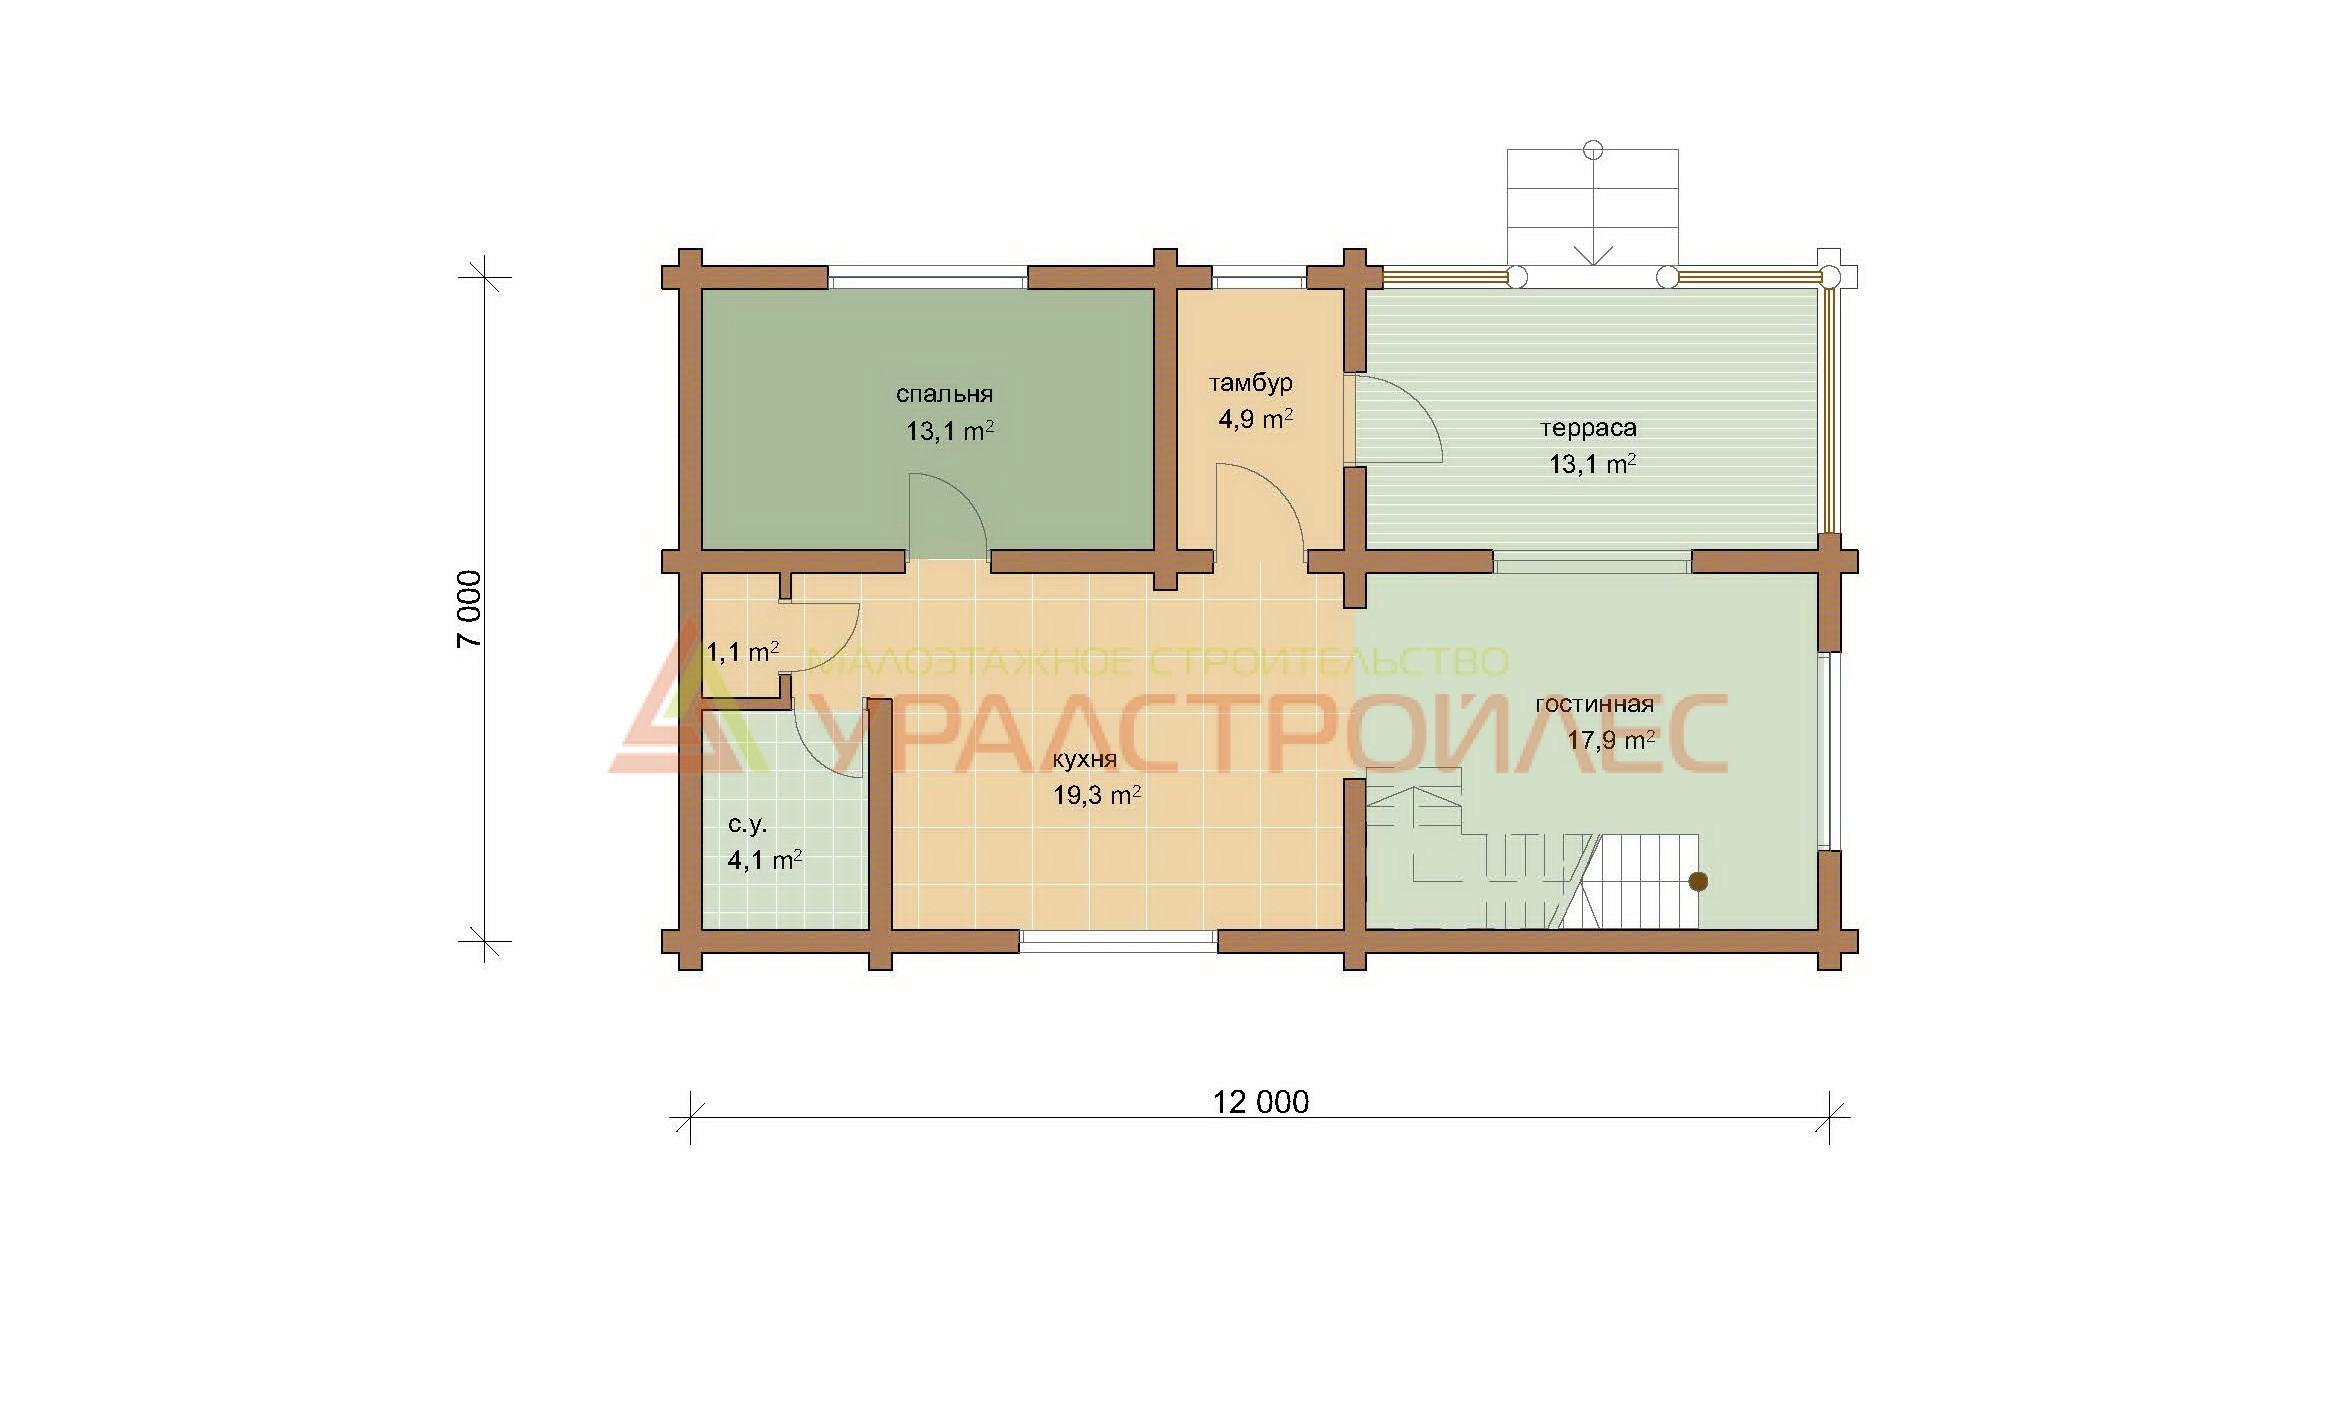 Проект №317, двухэтажный дом 12х7, общая площадь 121.1 кв.м. (240)